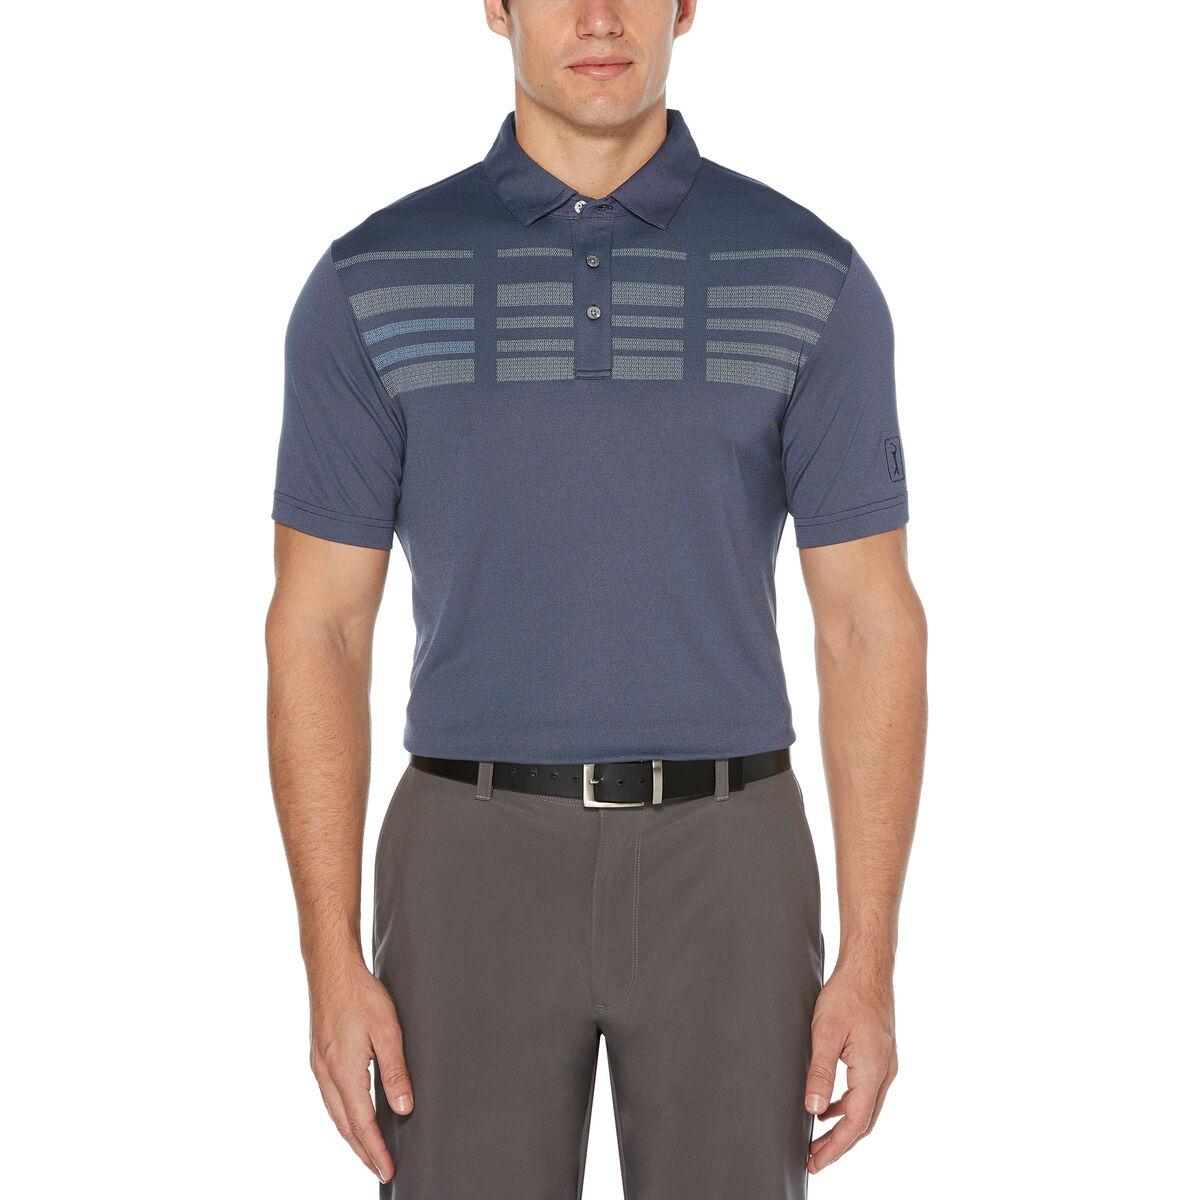 5bbd5c44 PGA TOUR Broken Stripe Oxford Short Sleeve Polo Golf Shirt | PGA ...